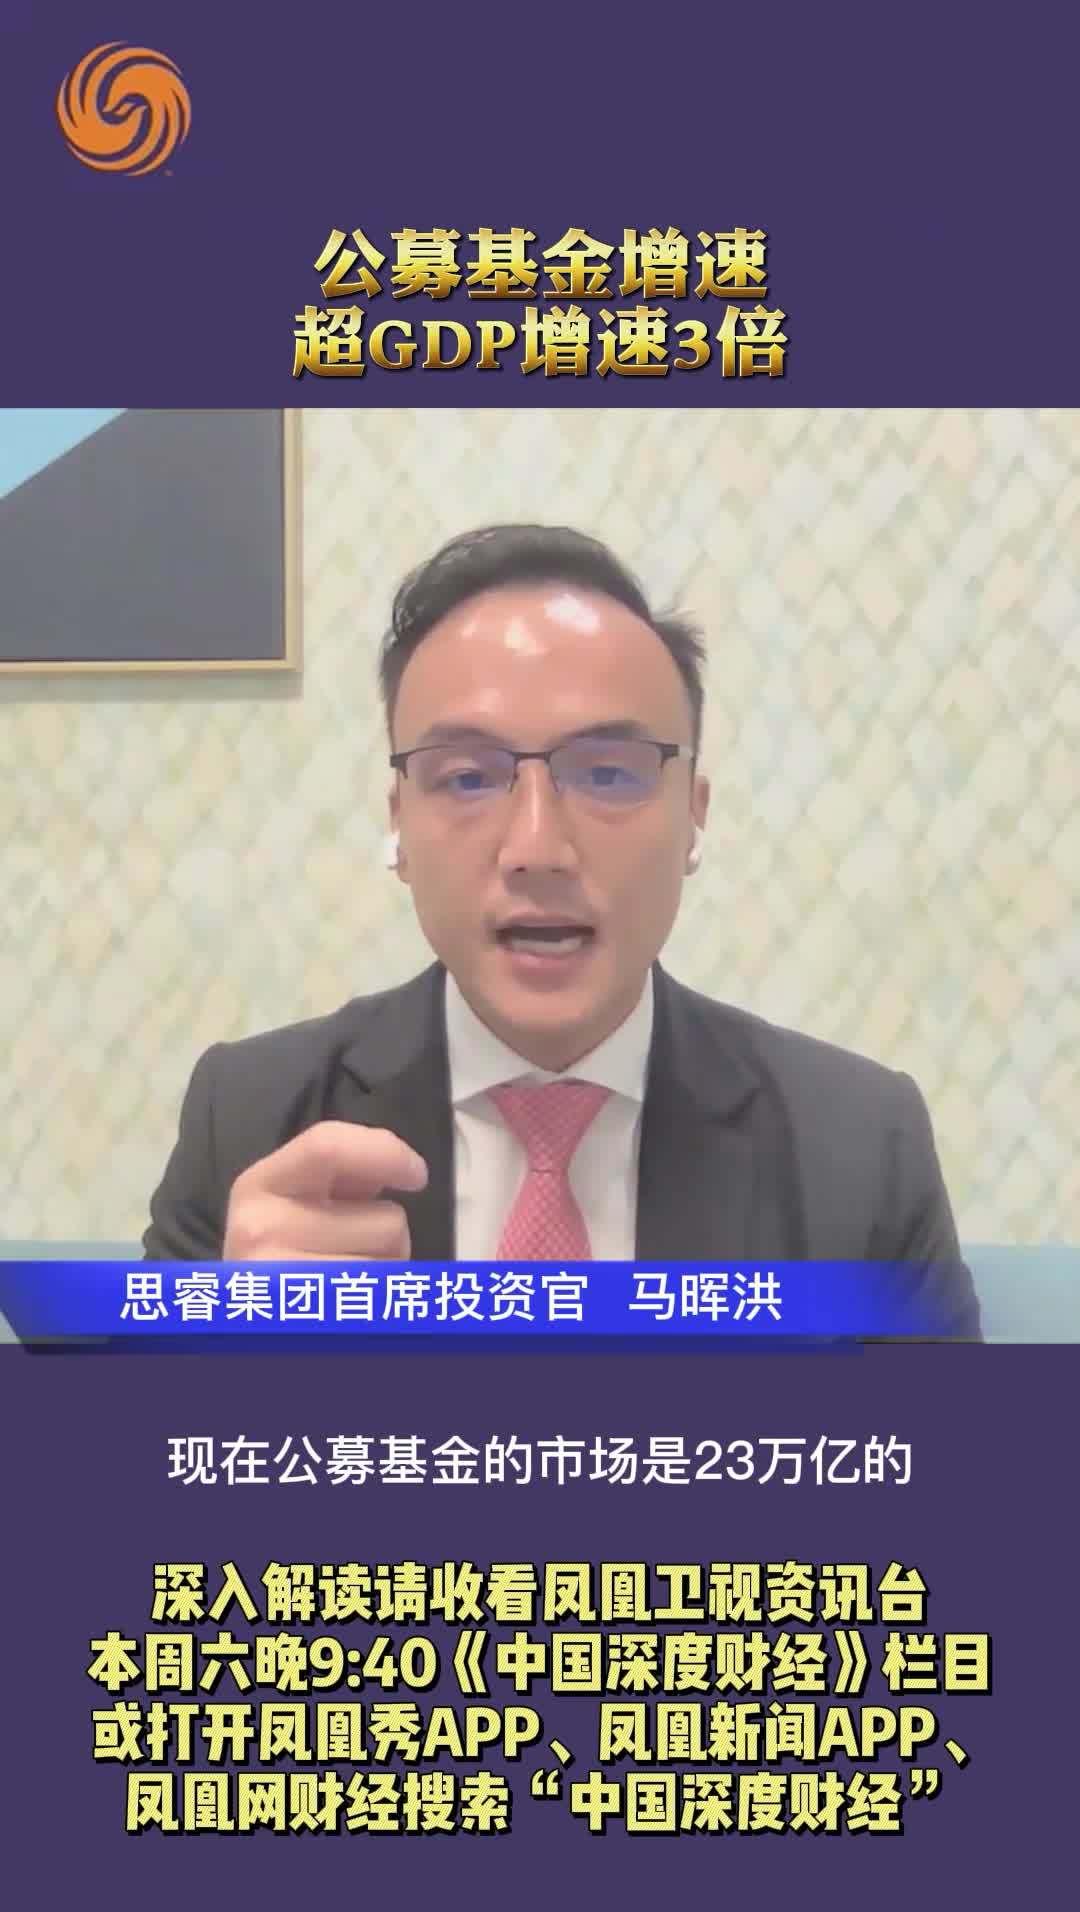 马晖洪:公募基金增速超GDP增速3倍